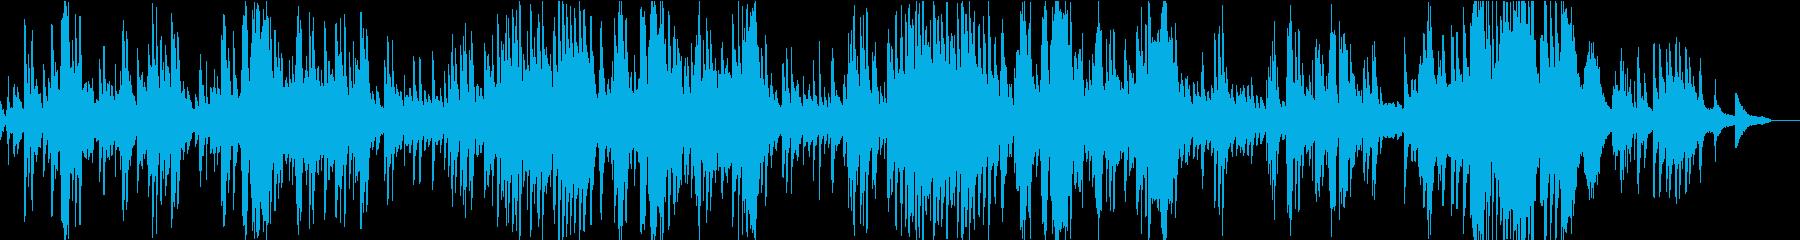 ショパンのノクターン第2番の再生済みの波形